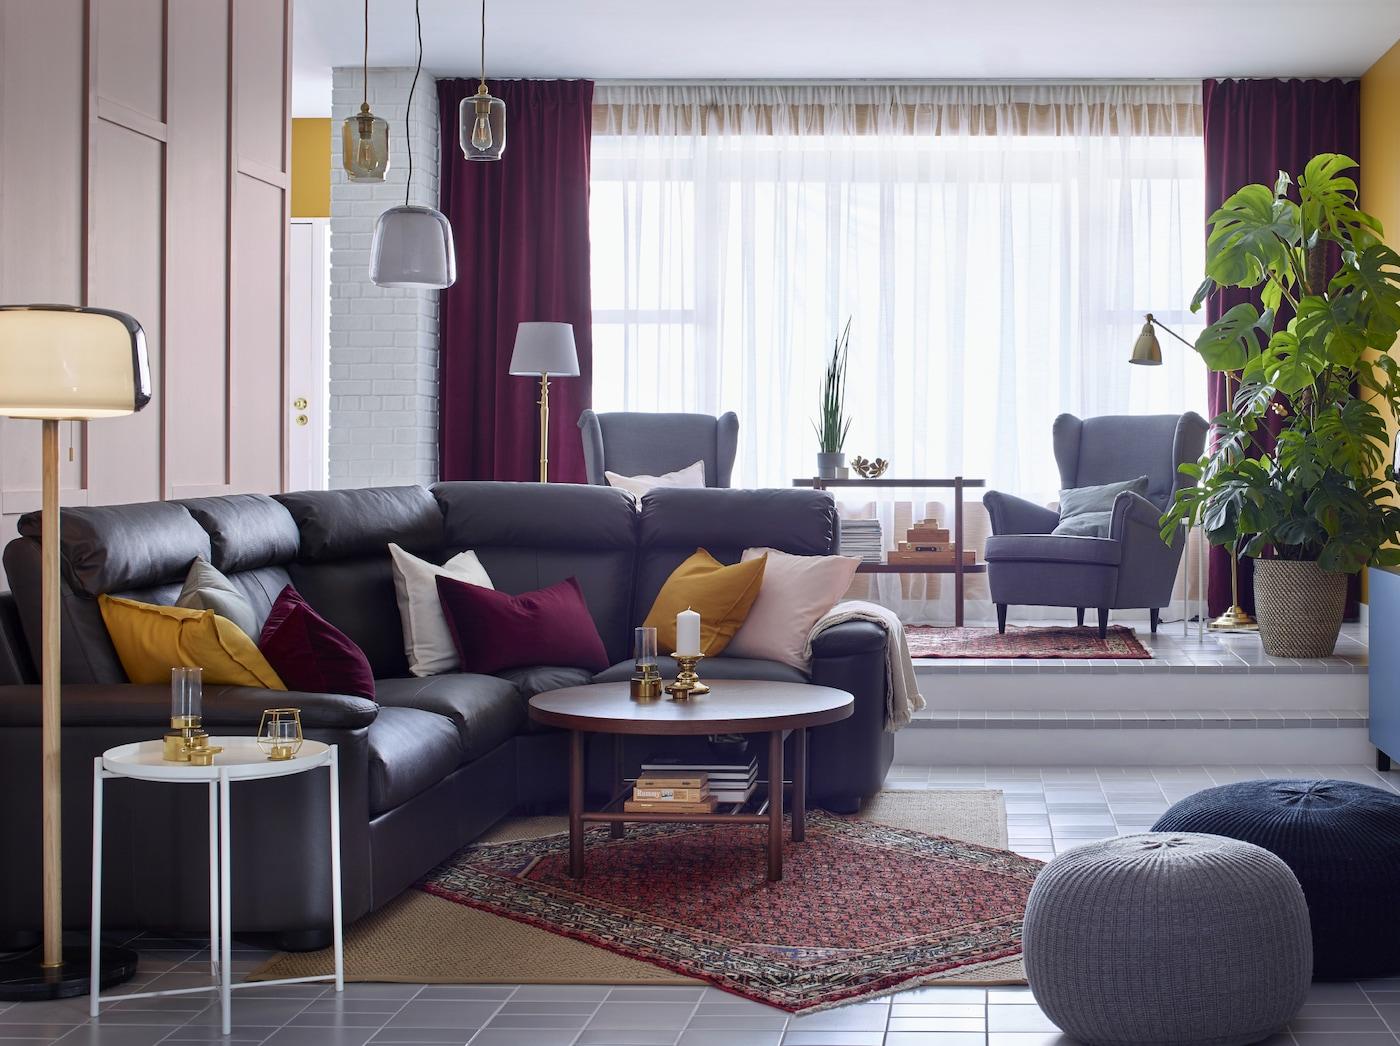 """Das IKEA LIDHULT Ecksofa 4-sitzig mit Lederbezug """"Grann"""" und beschichtetem Bezug """"Bomstad"""" in Dunkelbraun ist eine tolle Lösung für Wohnzimmer im traditionellen bzw. modernen Stil. Diese Familie hier hat Orientteppiche ergänzt."""